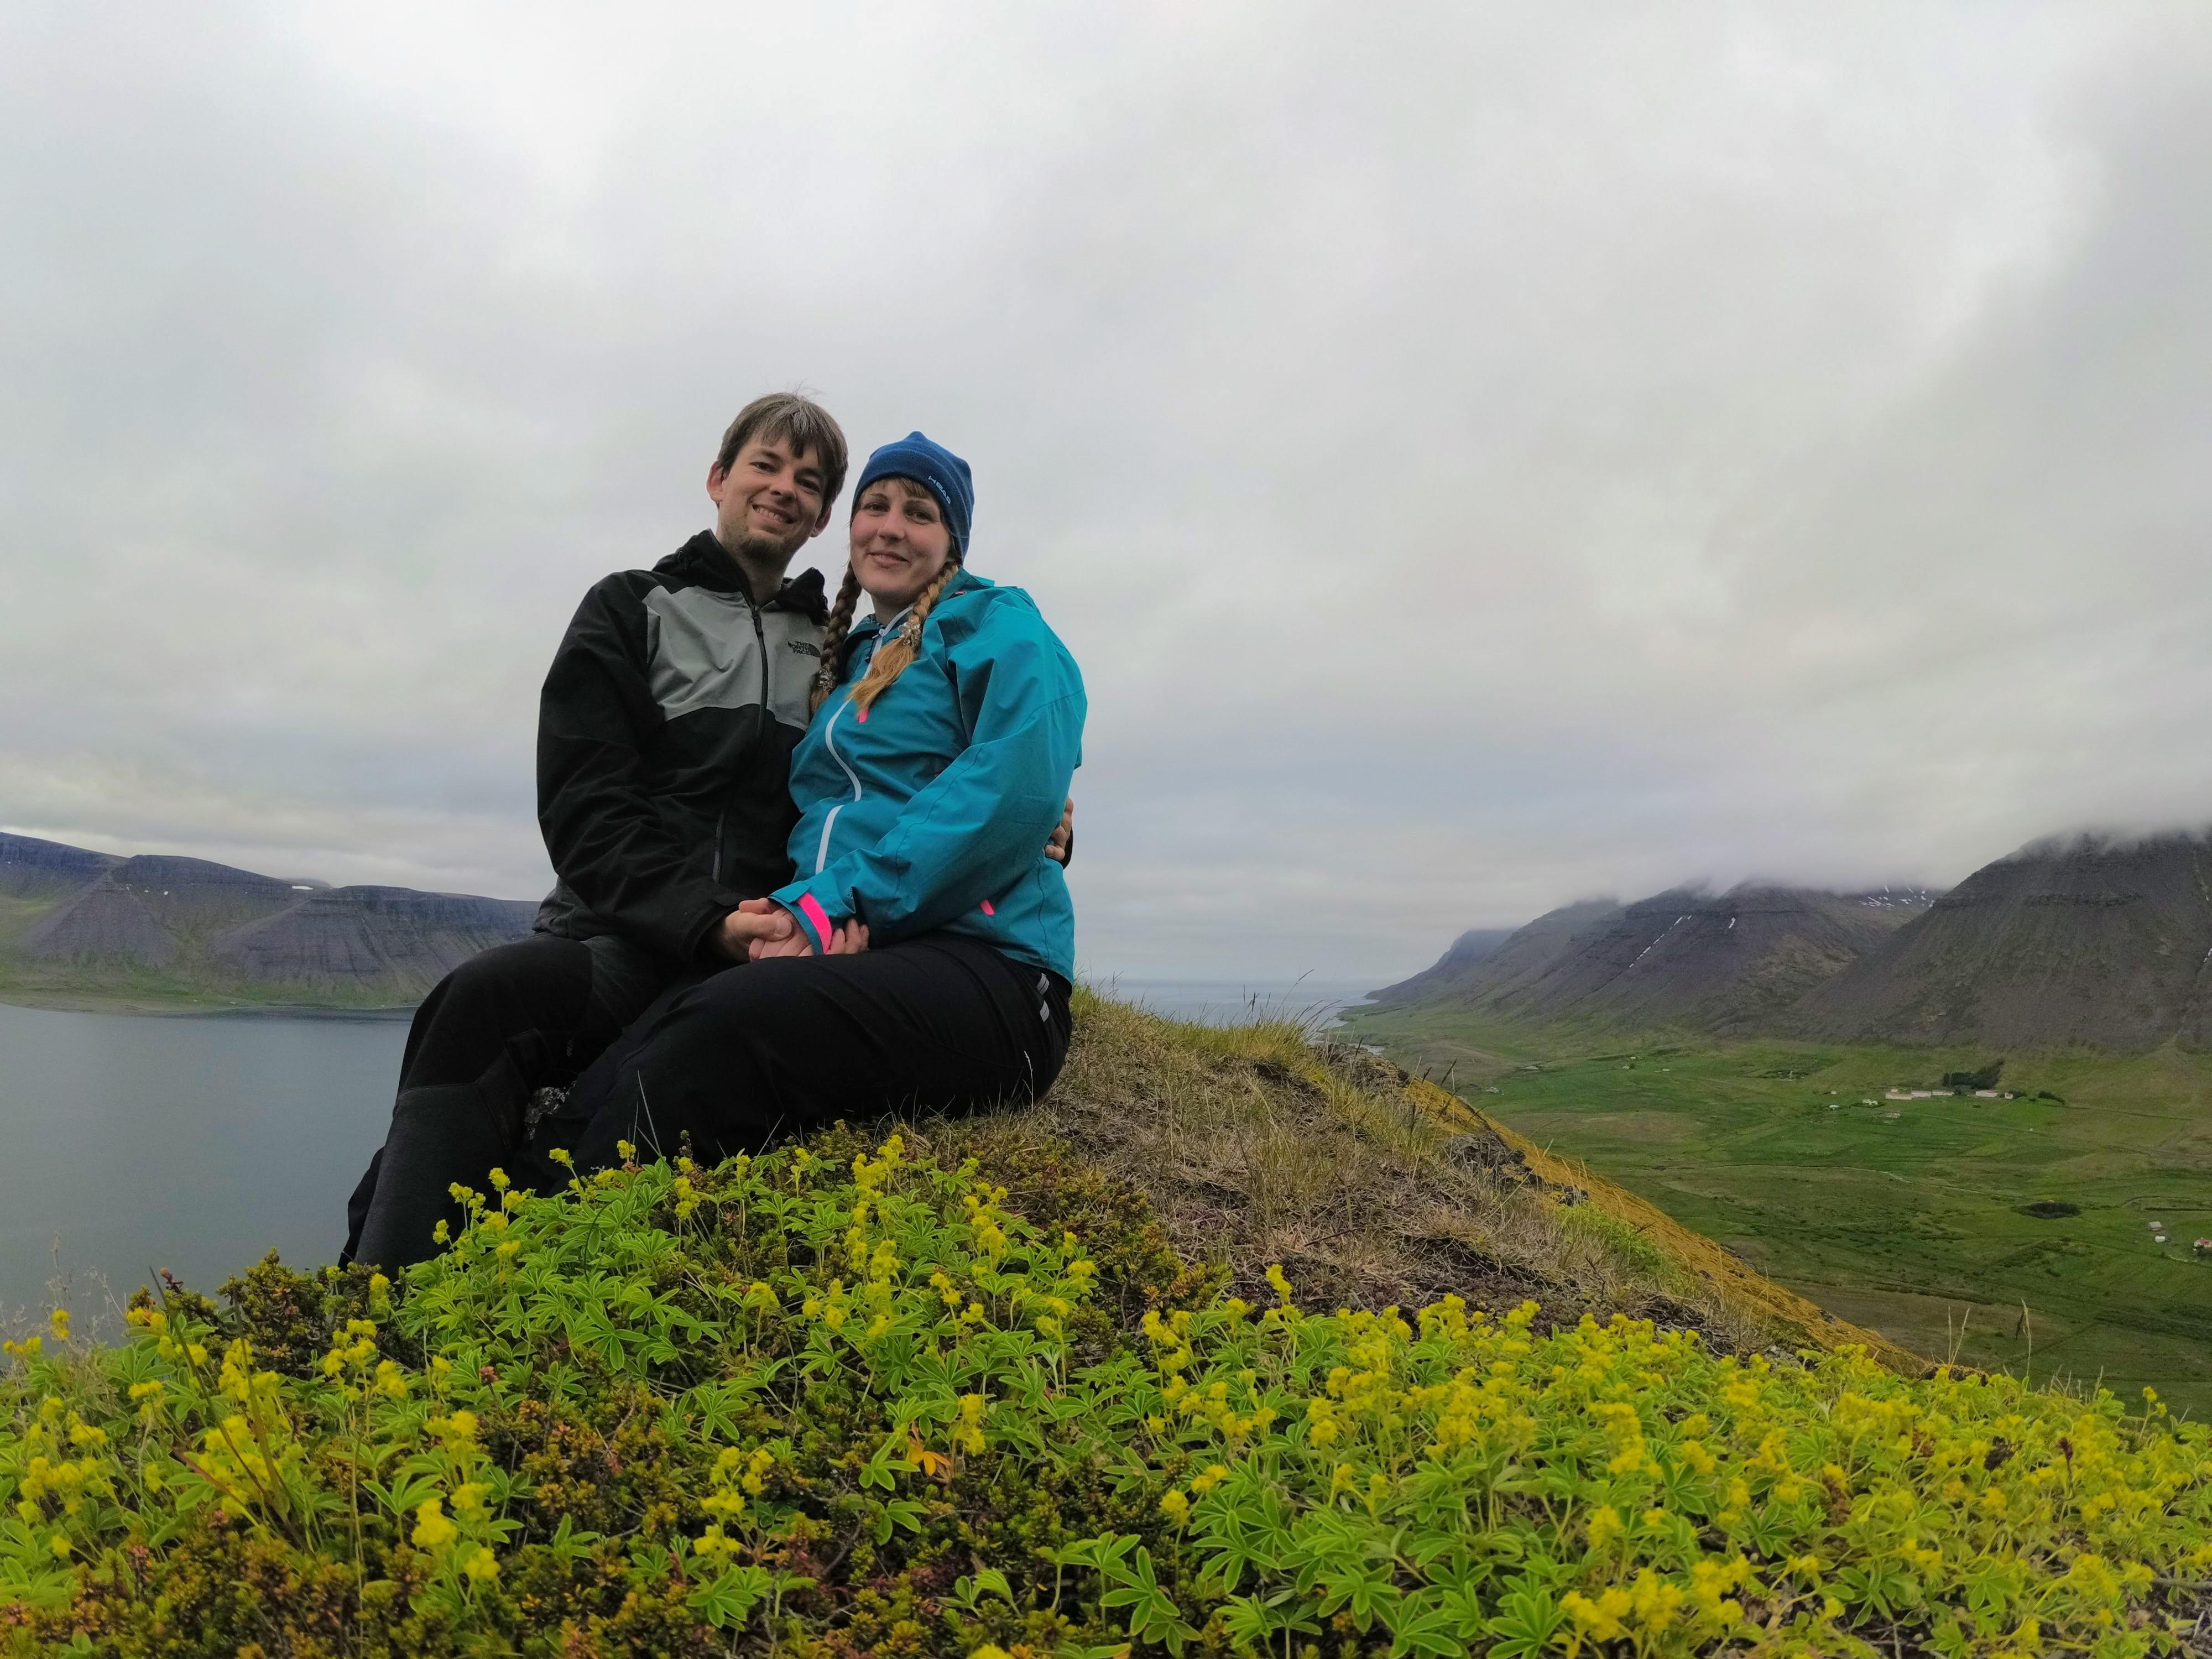 Vrcholová fotka na západních fjordech